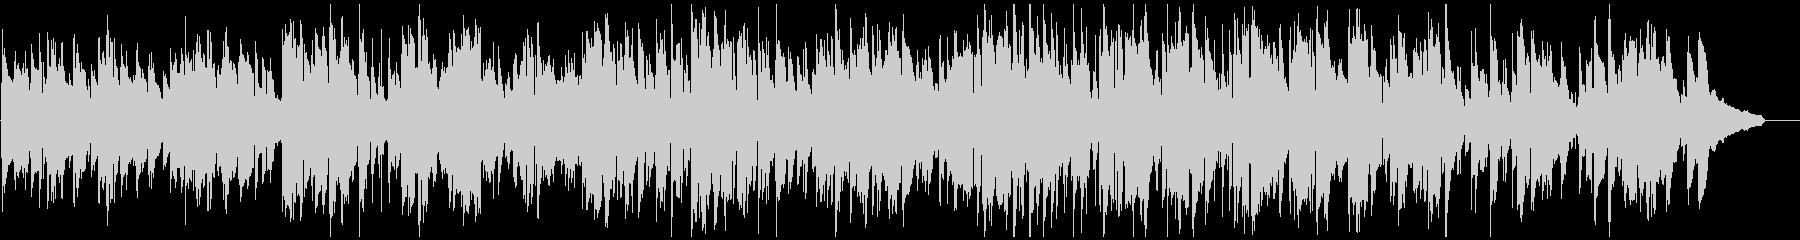 ミディアムスイングゆったりジャズサックスの未再生の波形